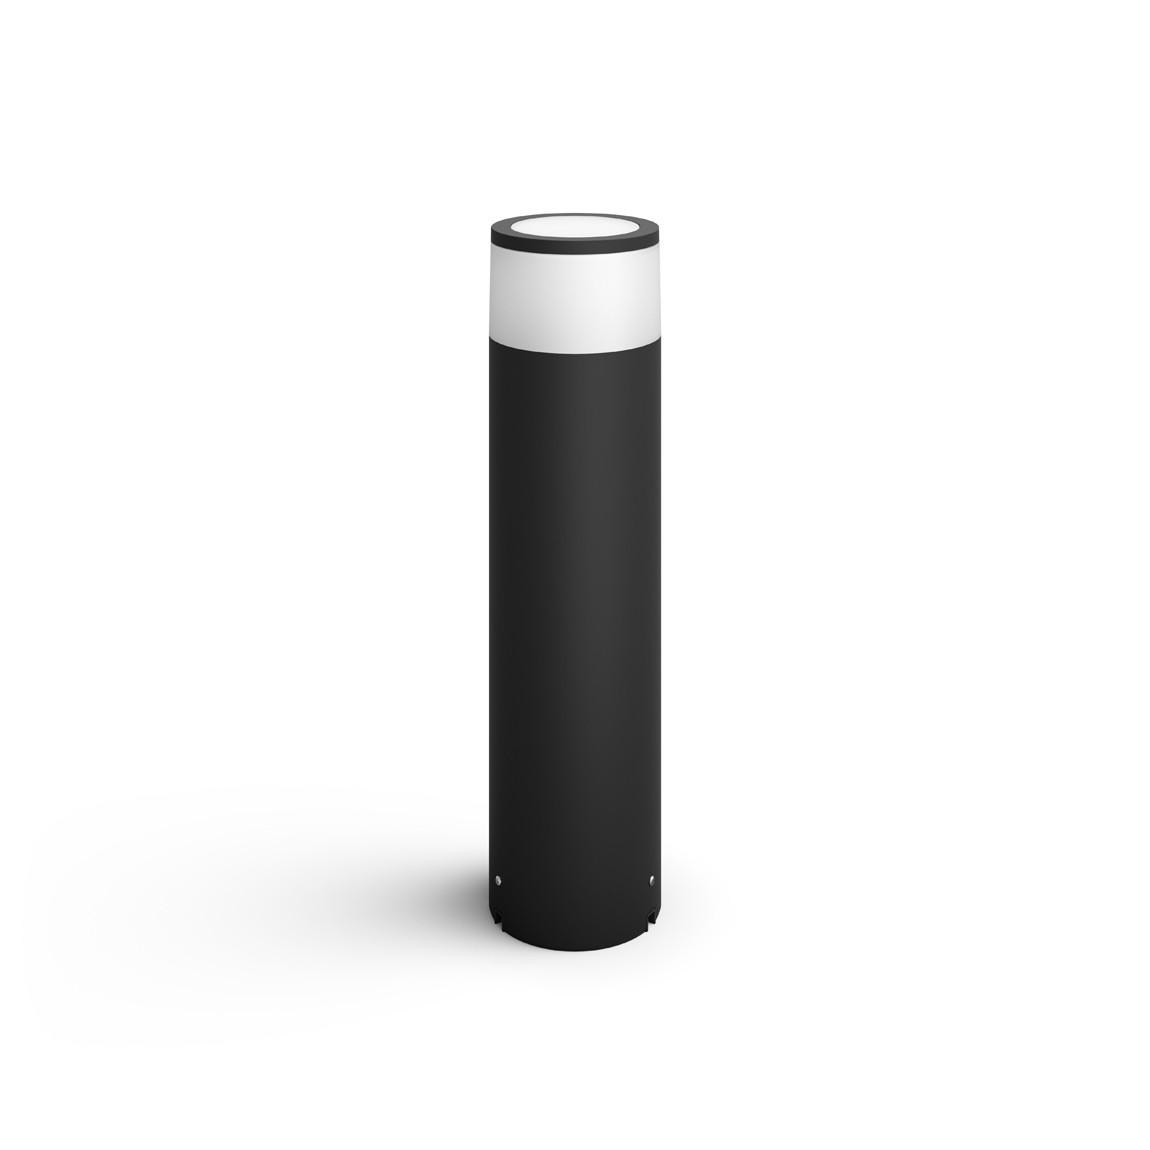 Philips Hue LED Sockelleuchte Calla + Erweiterung für Niedervolt-System - Schwarz